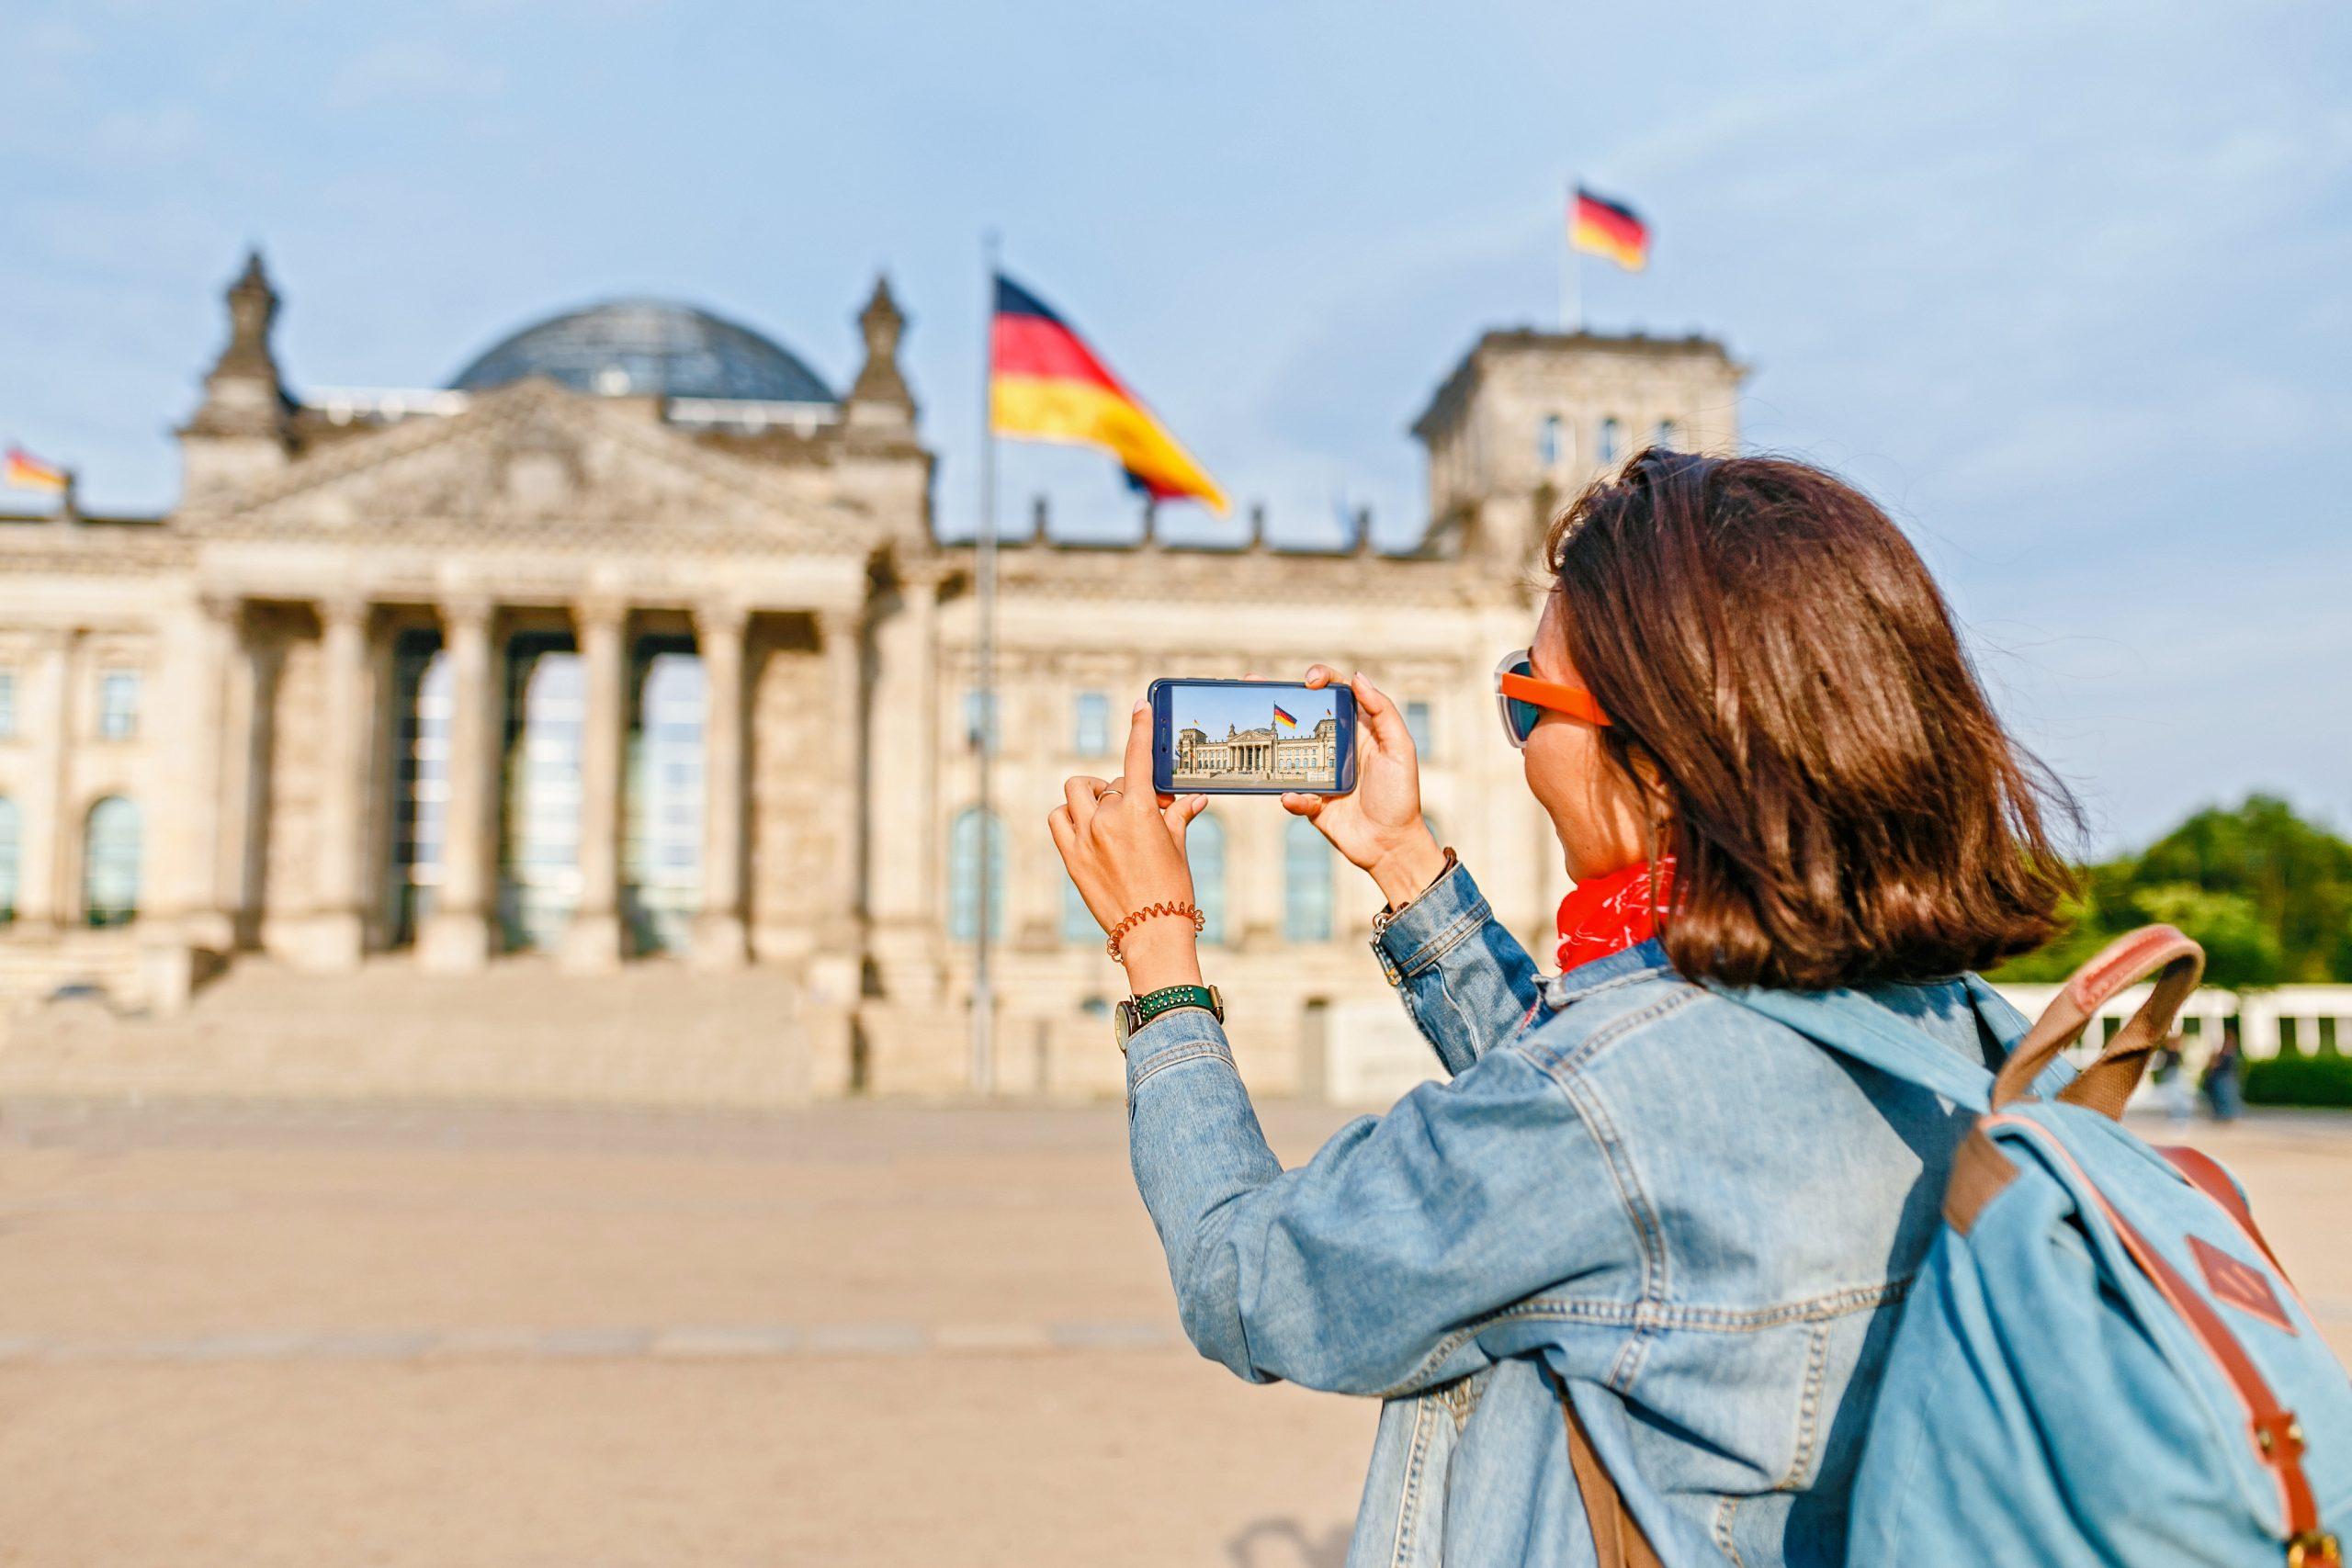 Danskerne kan nu også rejse til Tyskland, herunder hovedstaden Berlin. Og den mulighed har mange danske turister benyttet siden grænserne genåbnede. Pressefoto fra teleselskabet 3.